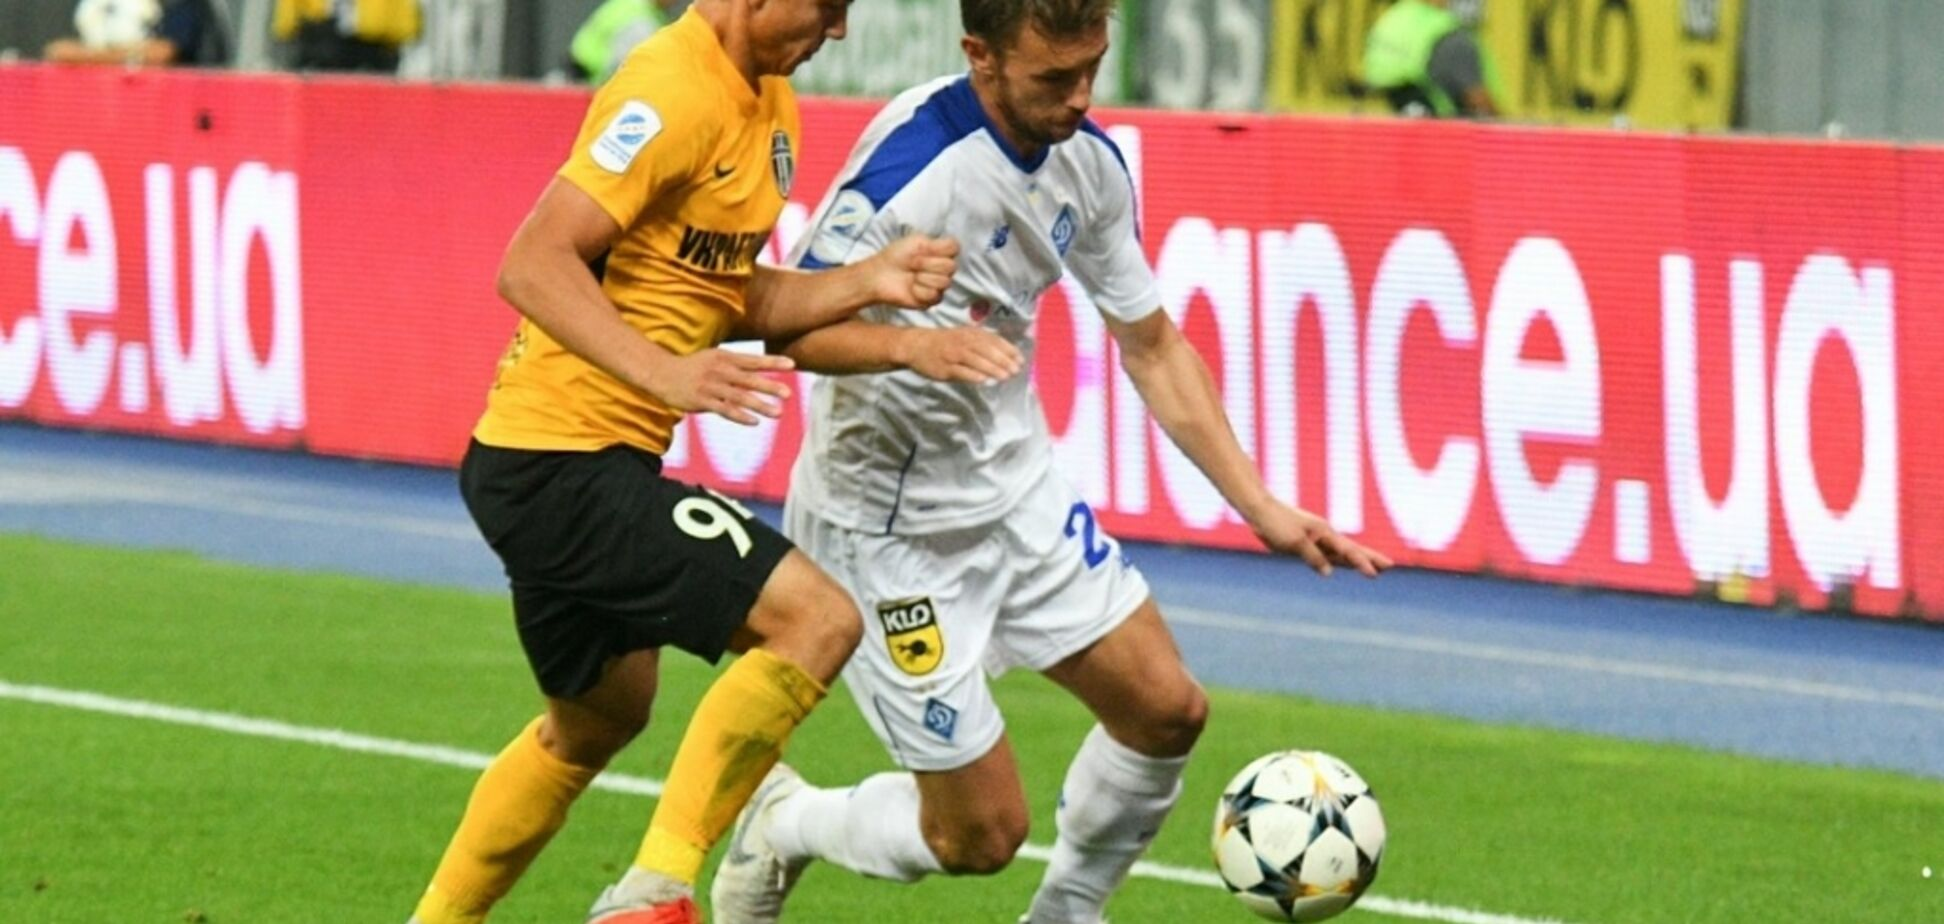 Впервые в истории! 'Динамо' потерпело сенсационное поражение в УПЛ